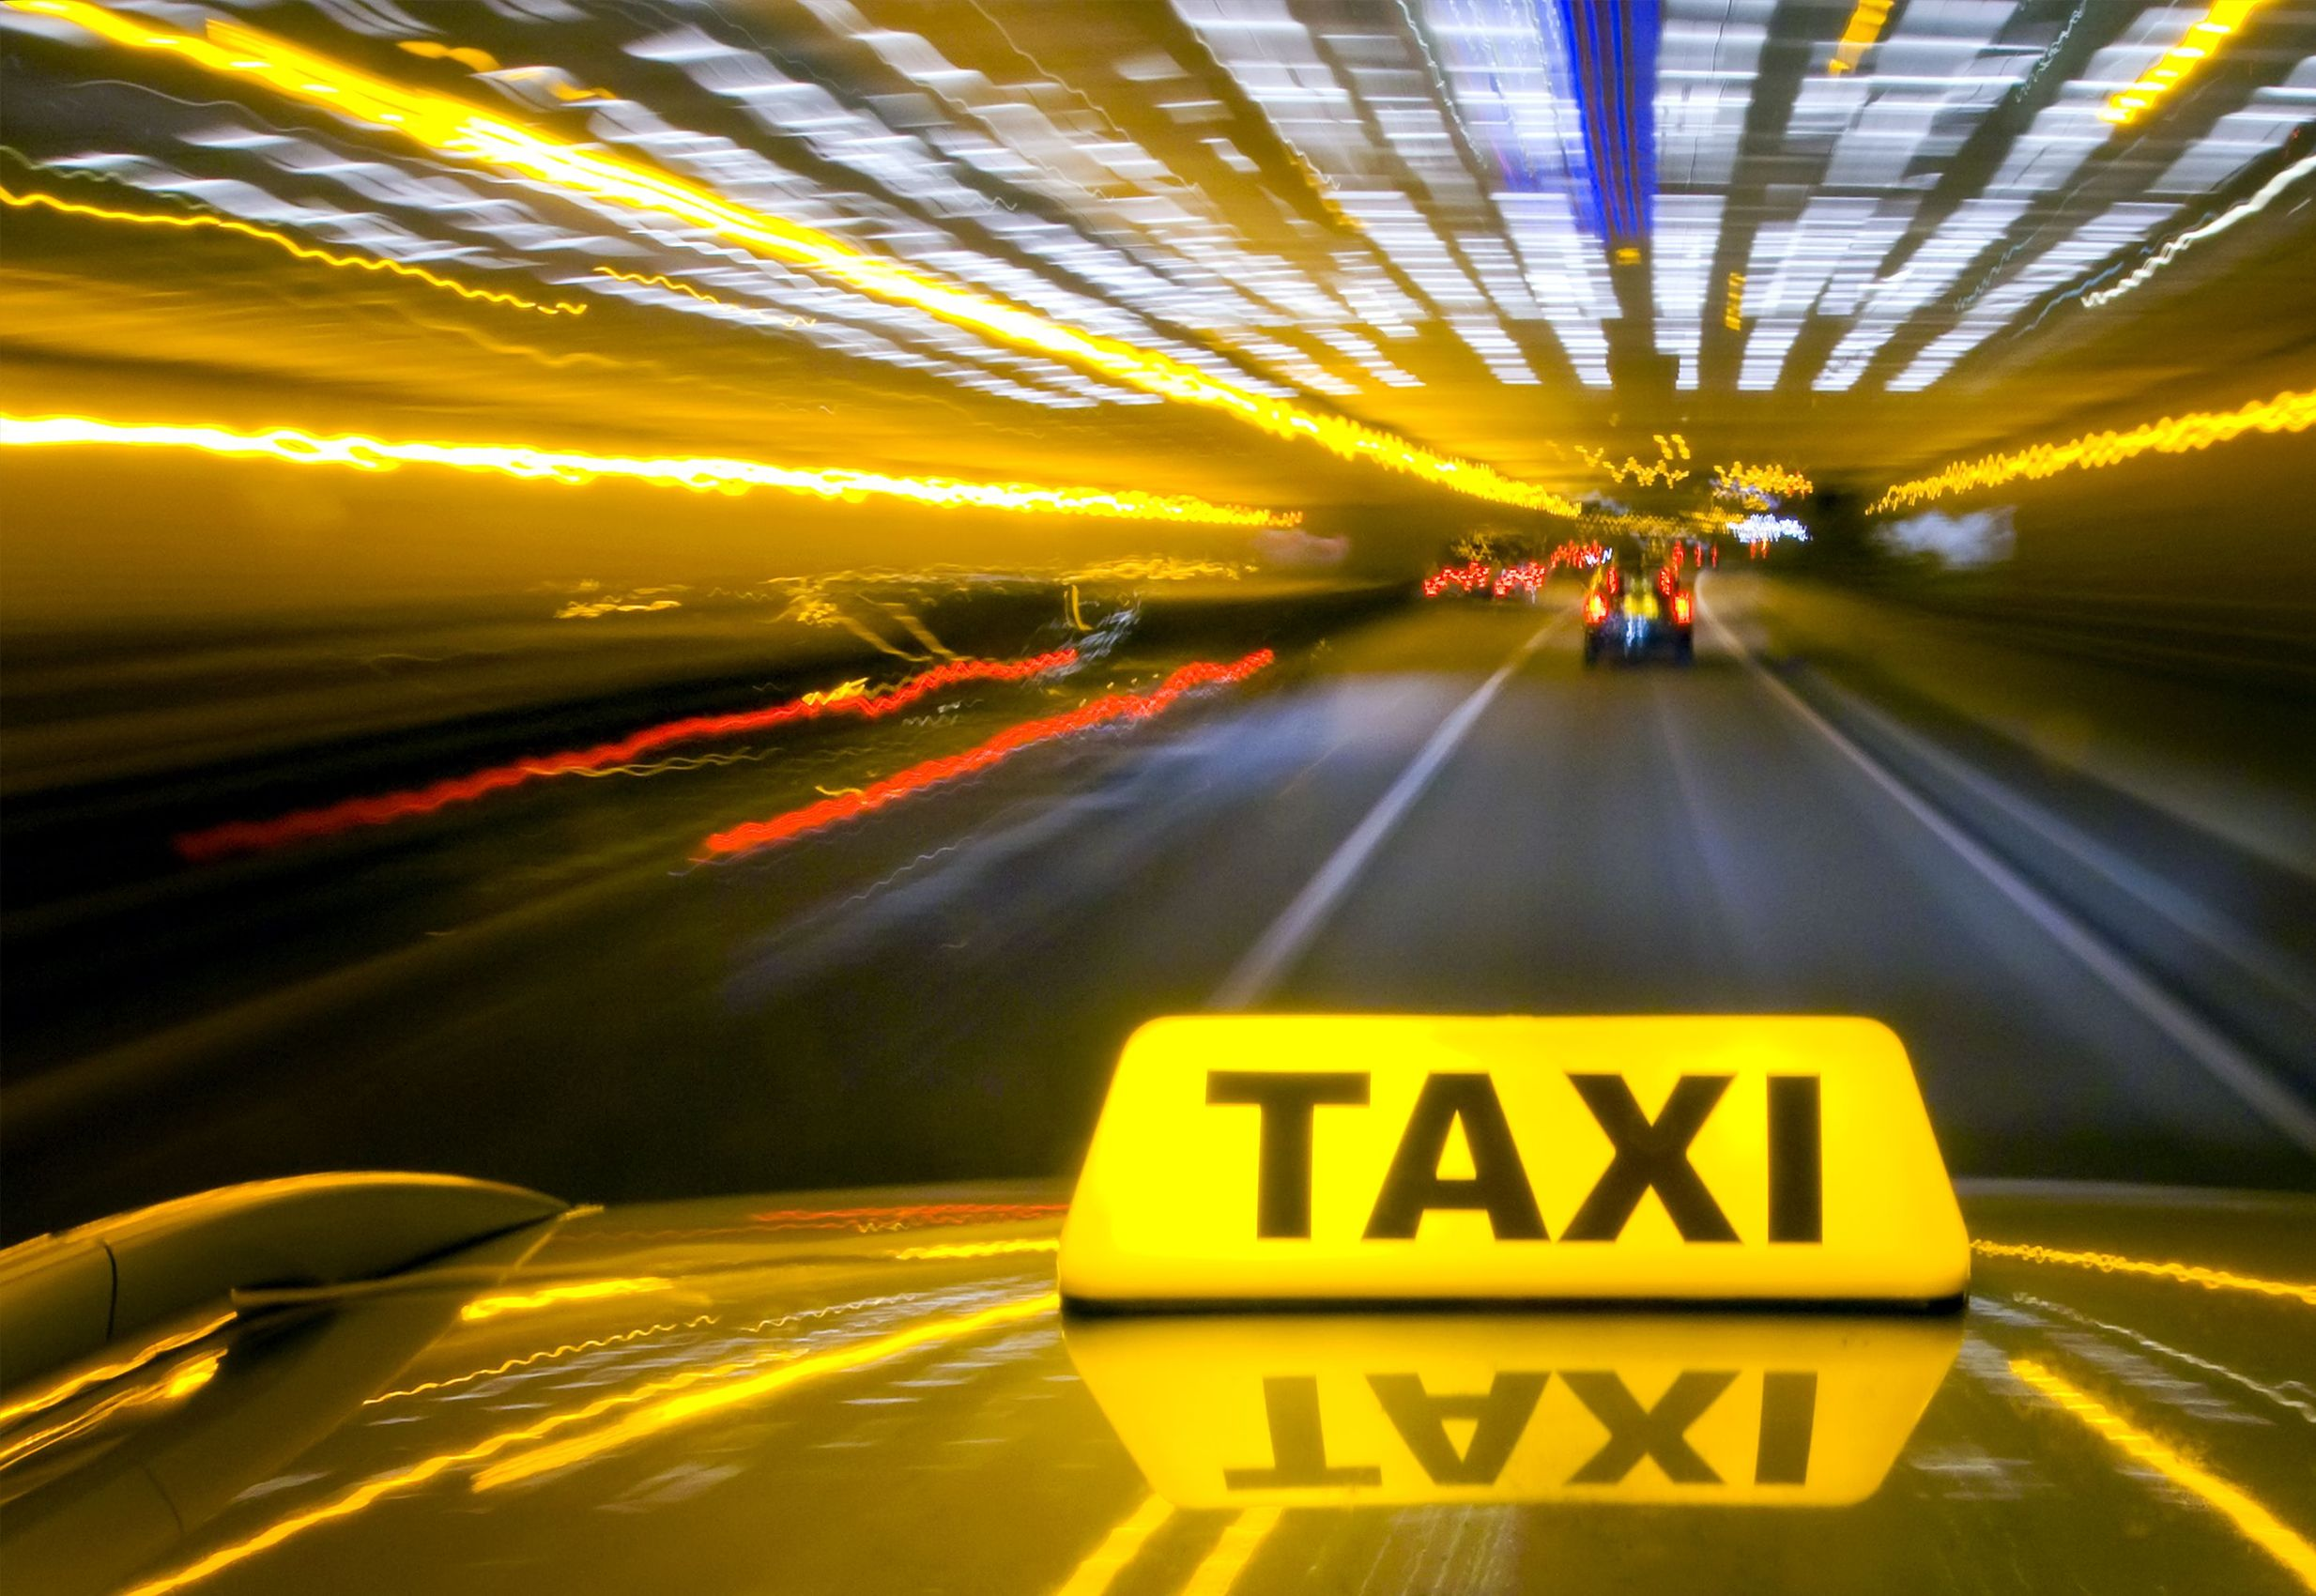 В Ялте планируют разобраться с нелегальным такси